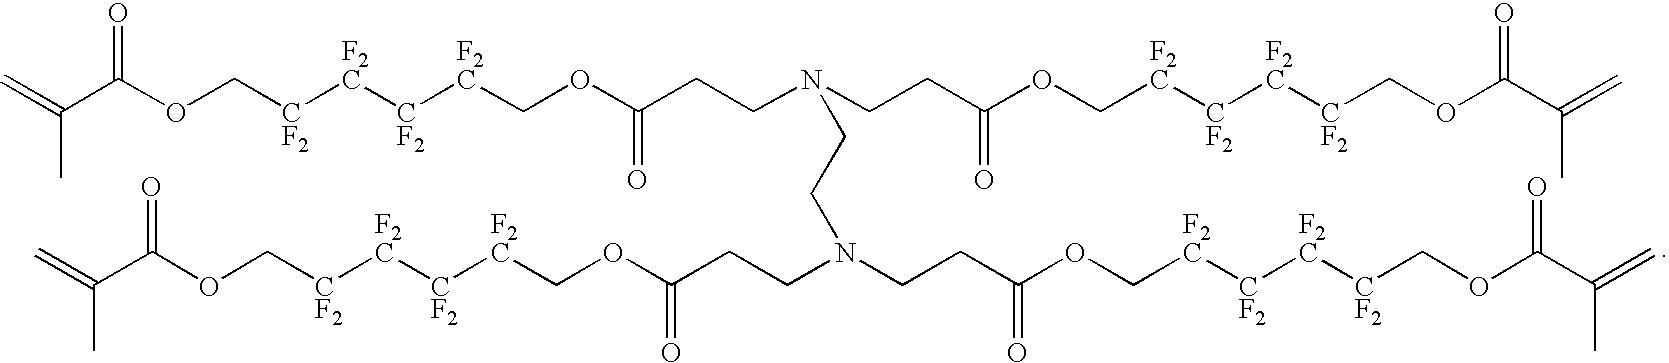 Figure US20080066773A1-20080320-C00183